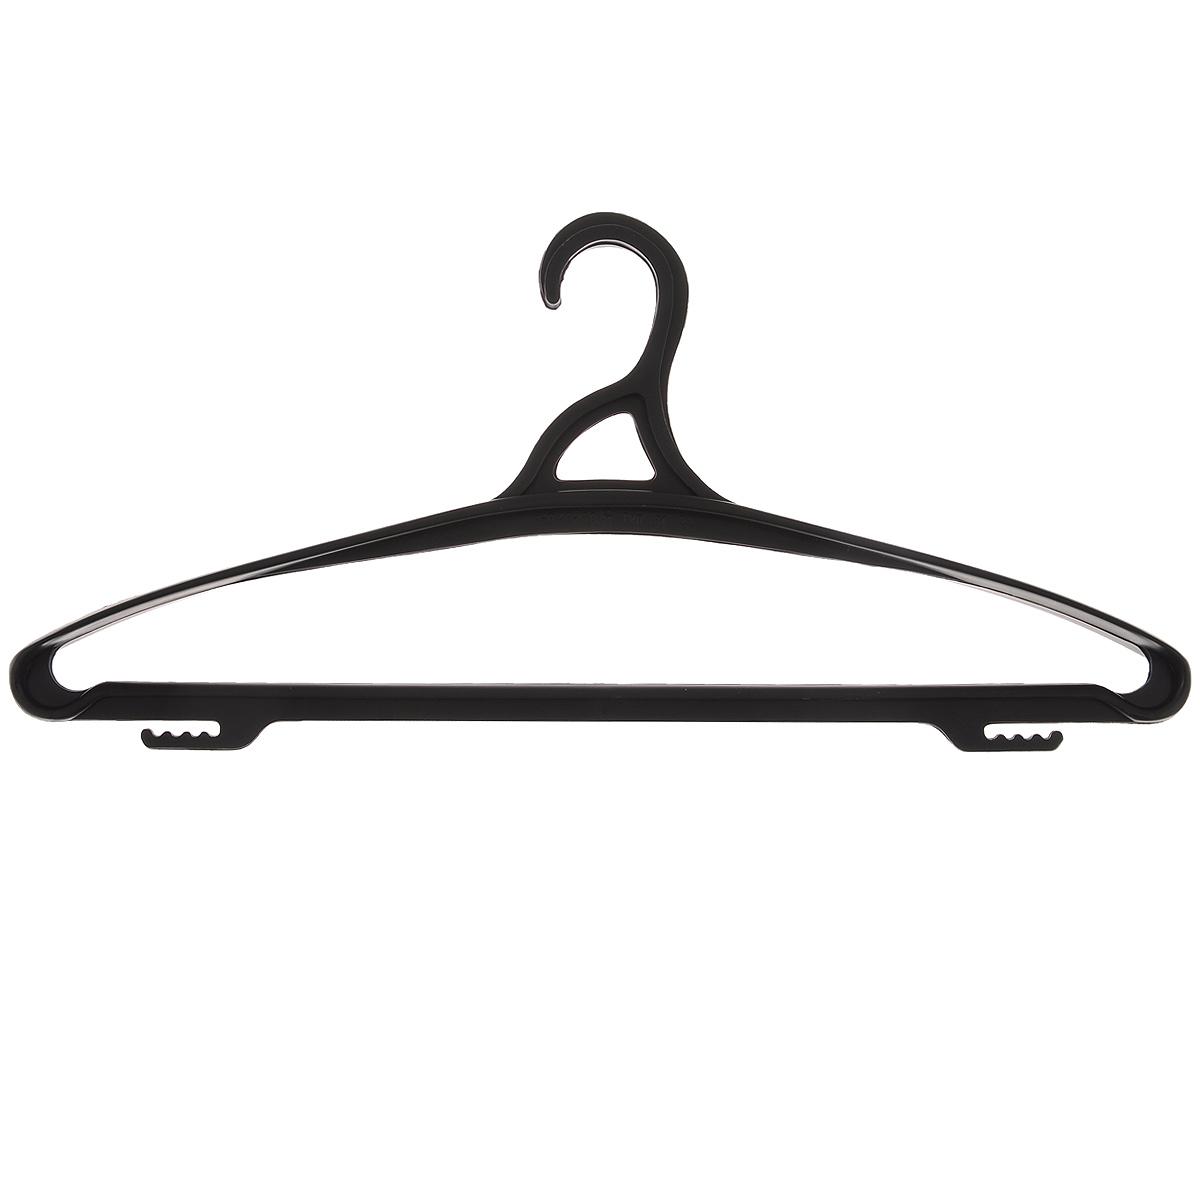 Вешалка для одежды Бытпласт, цвет: черный, размер 48-501004900000360Вешалка для одежды Бытпласт выполнена из прочного пластика.Изделие оснащено перекладиной и боковыми крючками.Вешалка - это незаменимая вещь для того, чтобы ваша одежда всегда оставалась в хорошем состоянии.Размер одежды: 48-50.